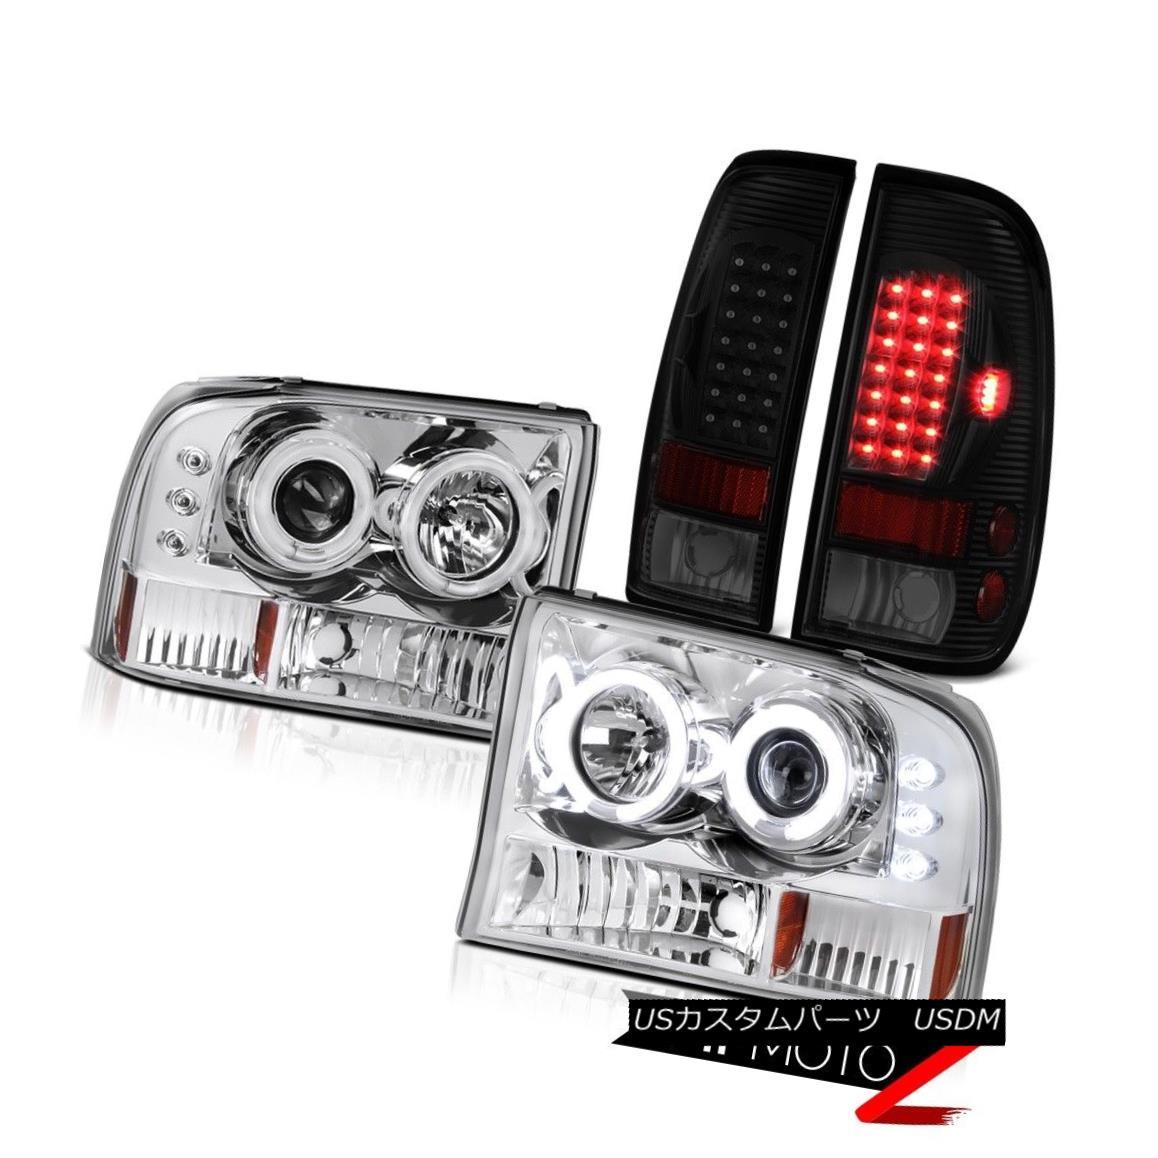 テールライト 99-04 F350 Turobdiesel Darkest Smoke Tail Lamps Sterling Chrome Headlights LED 99-04 F350ターボディーゼル暗い煙テールランプスターリングクロームヘッドライトLED